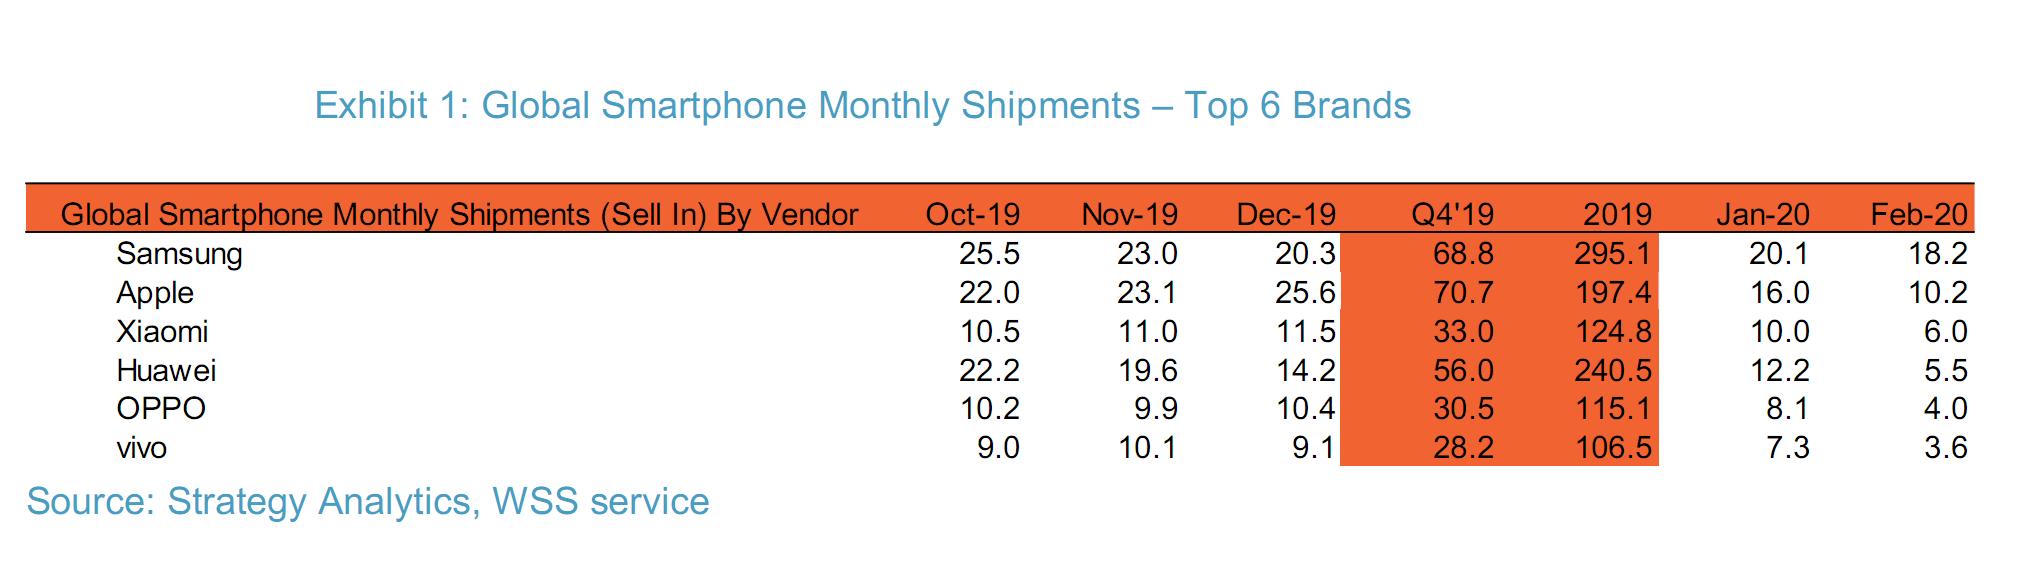 二月全球手机销量暴跌 小米重回前三